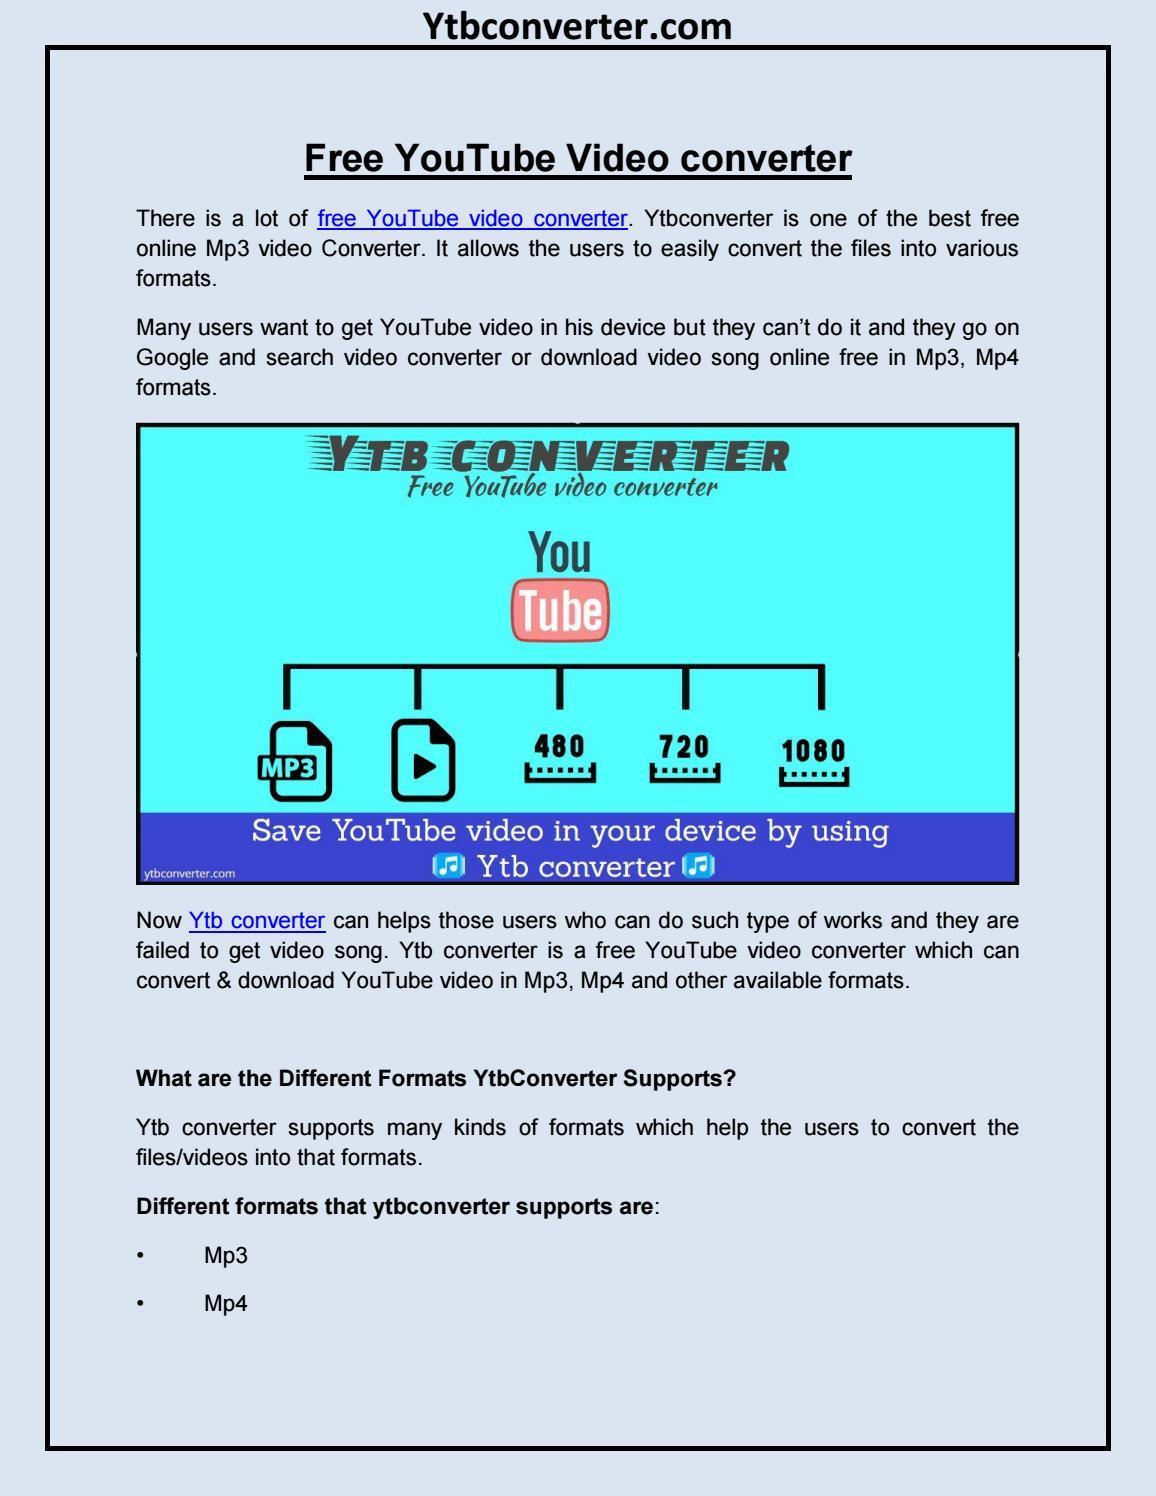 Free YouTube video converter by akshaytrank - issuu